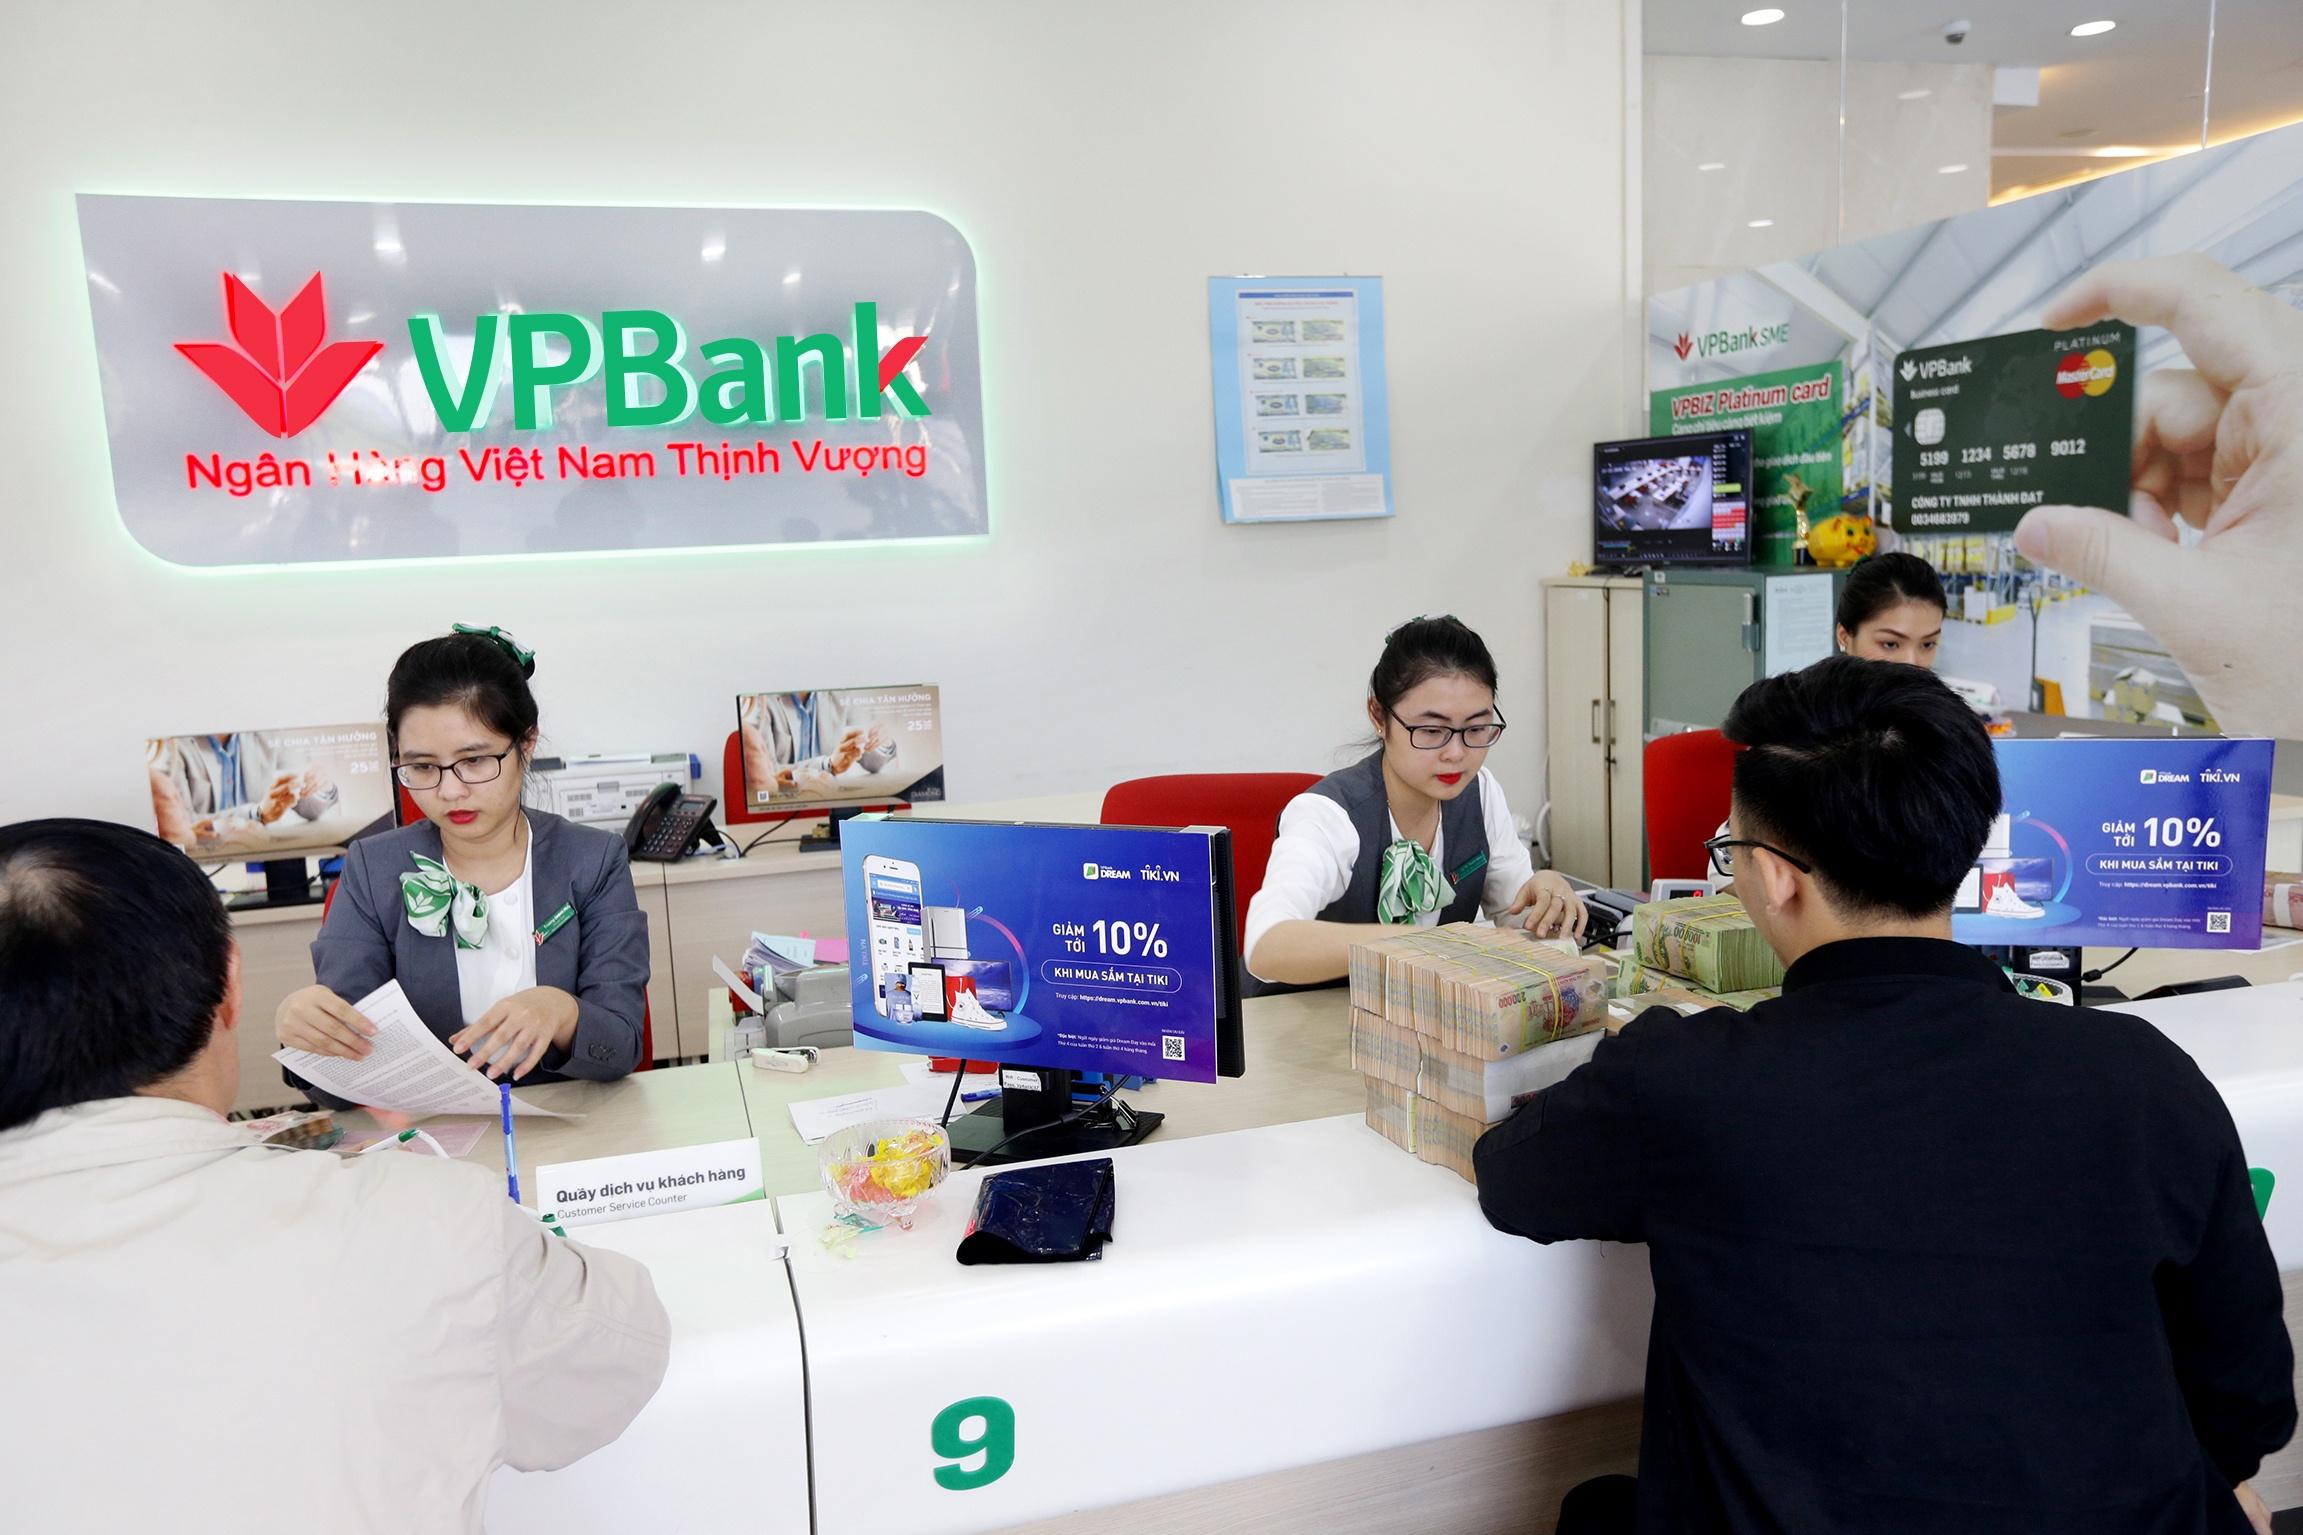 vpbank giam 5 gia va tang ve mien phi cho khach hang tham du giai f1 viet nam grand prix